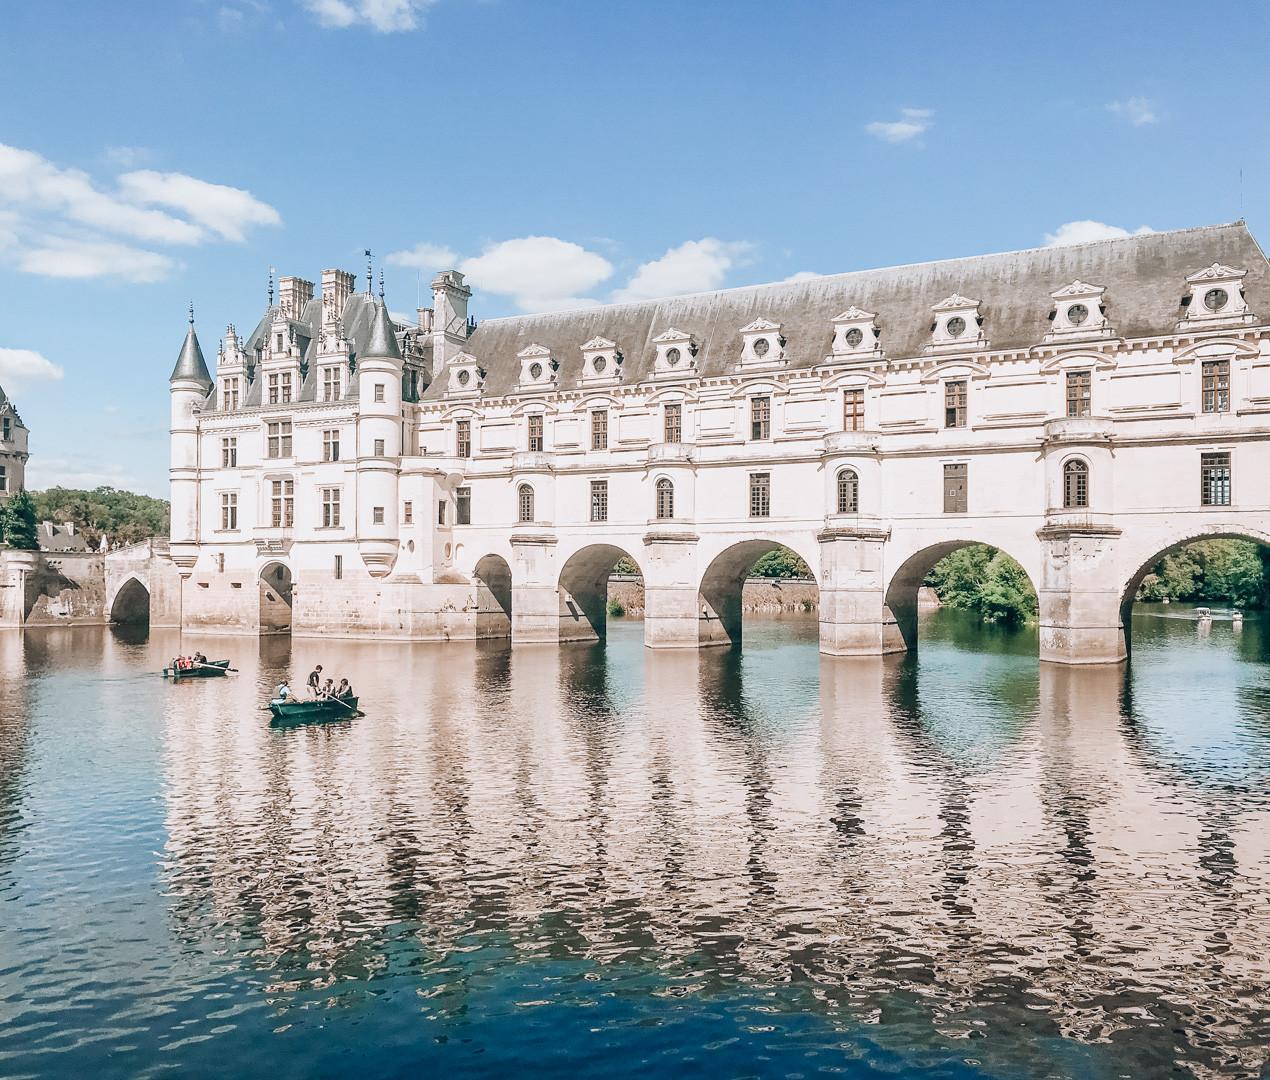 Tours France Chateau de Chambord